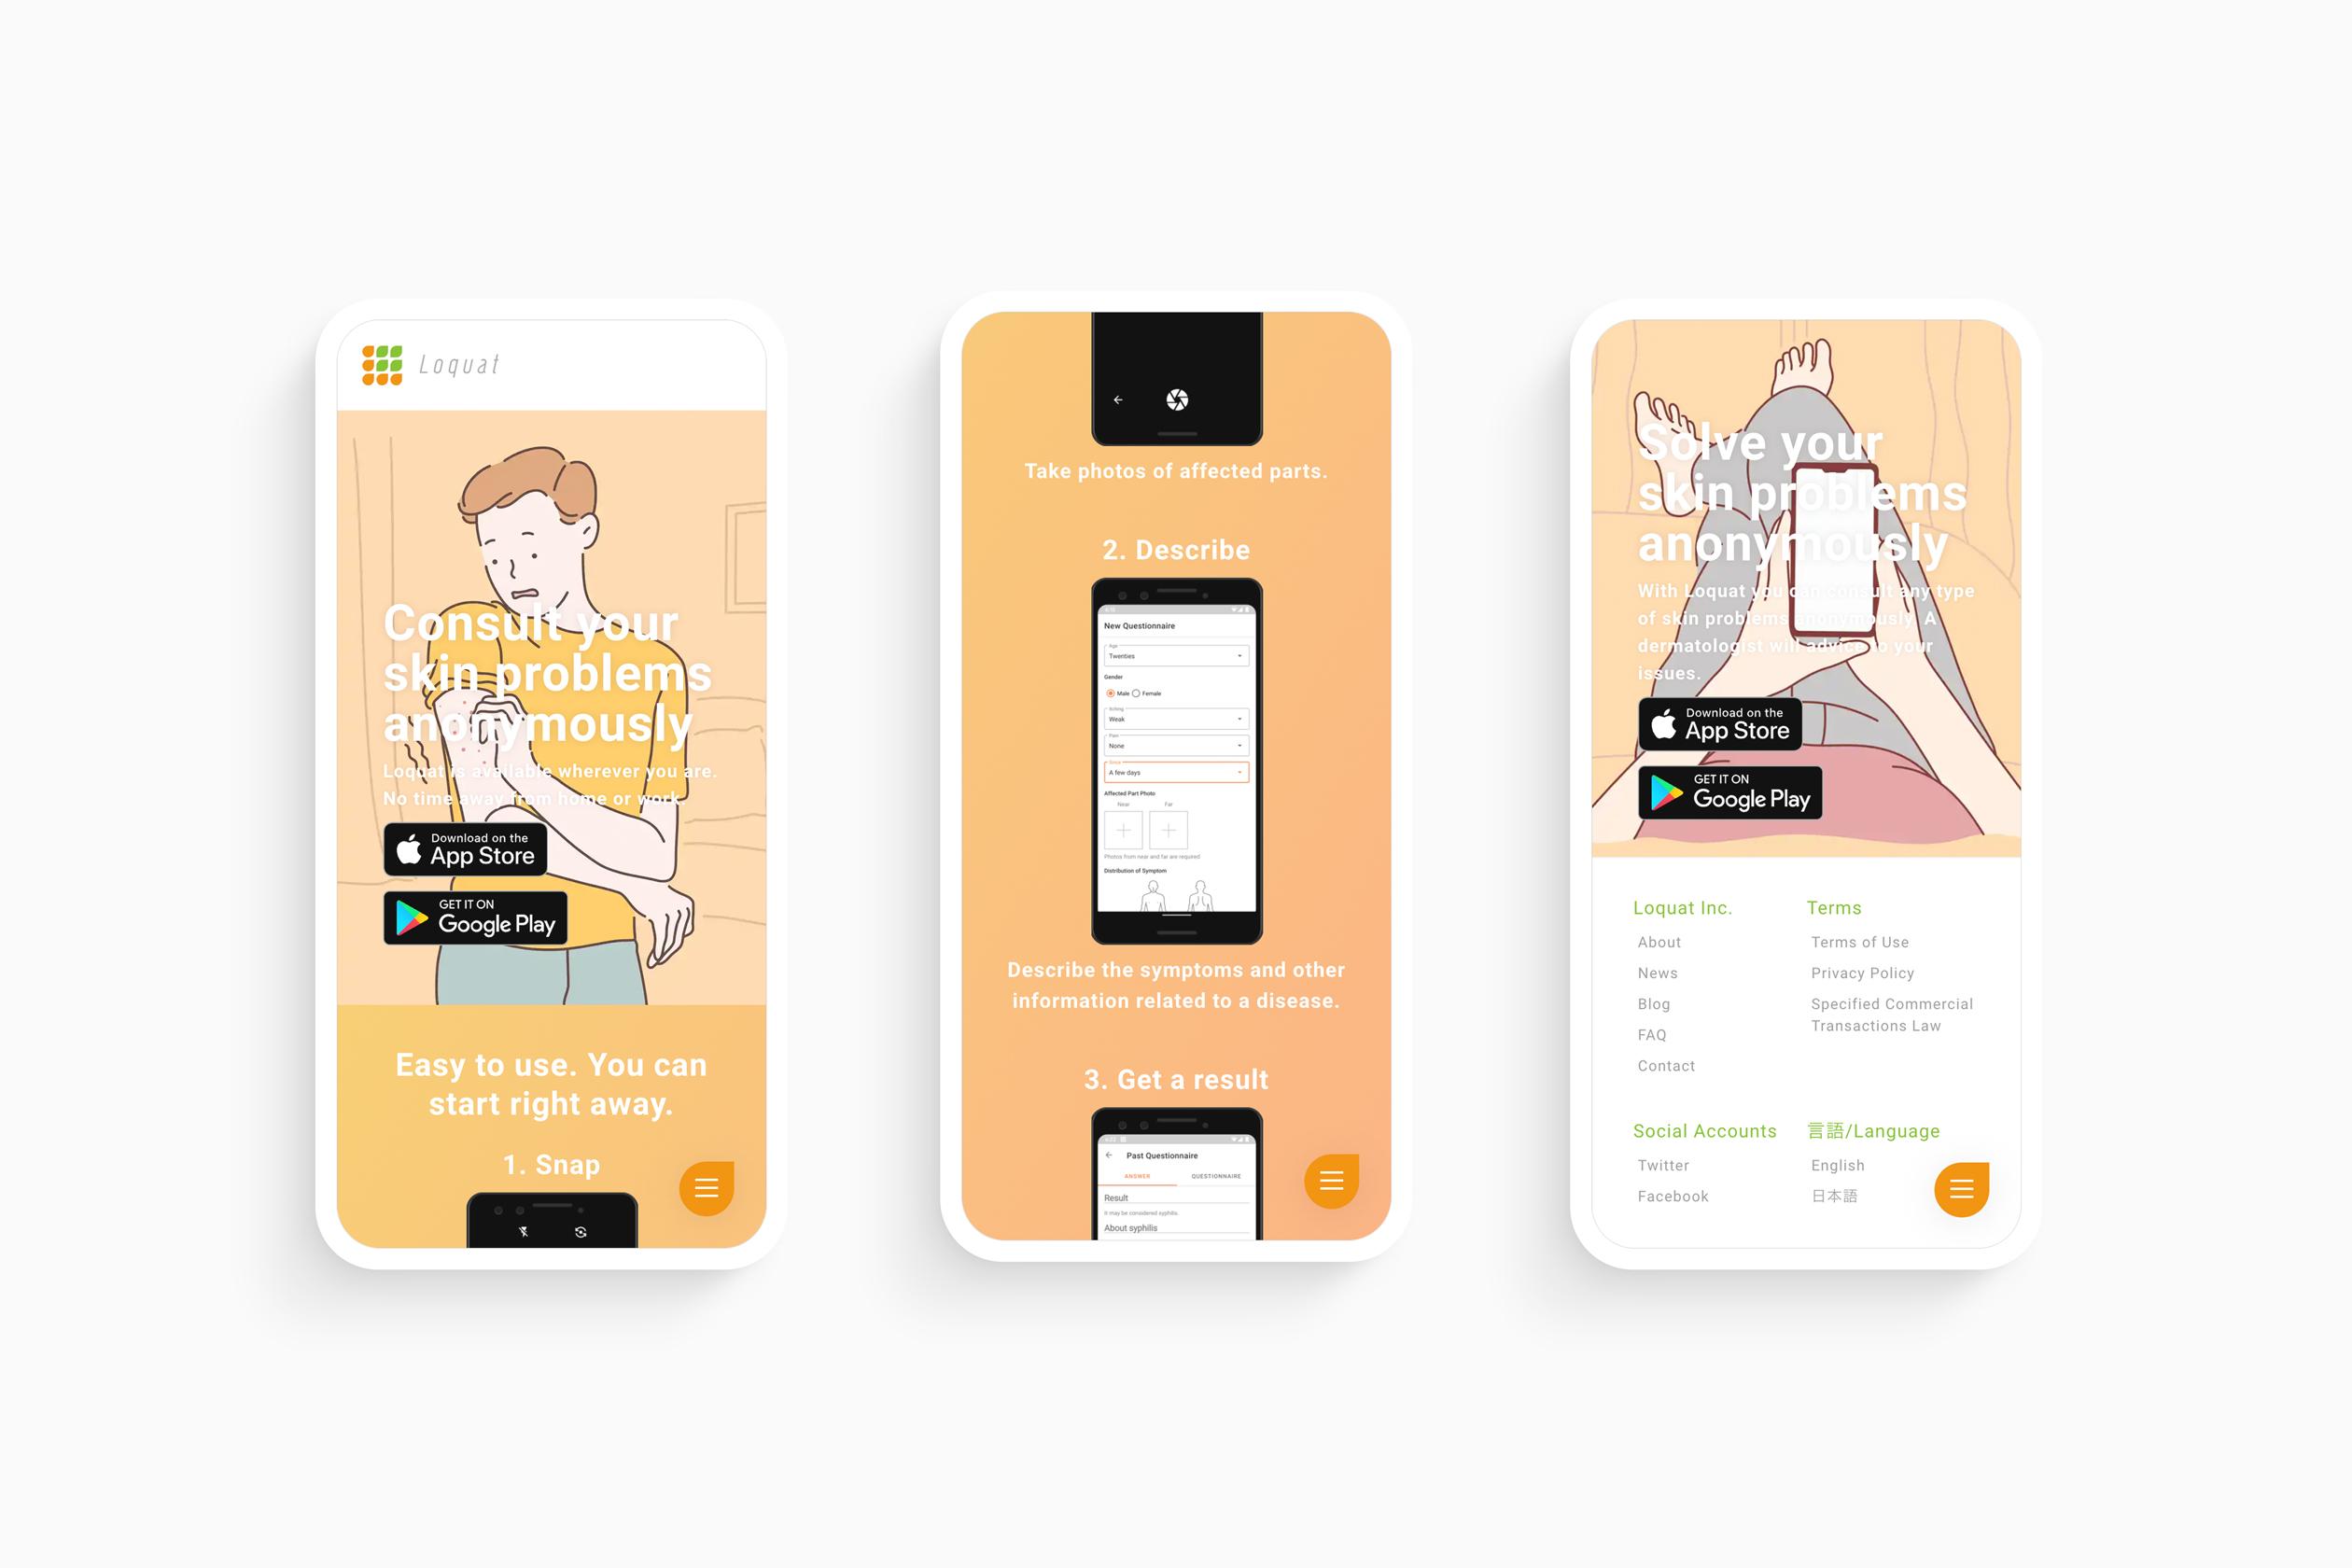 「Loquat」ウェブサイトのスマートフォン上の画面